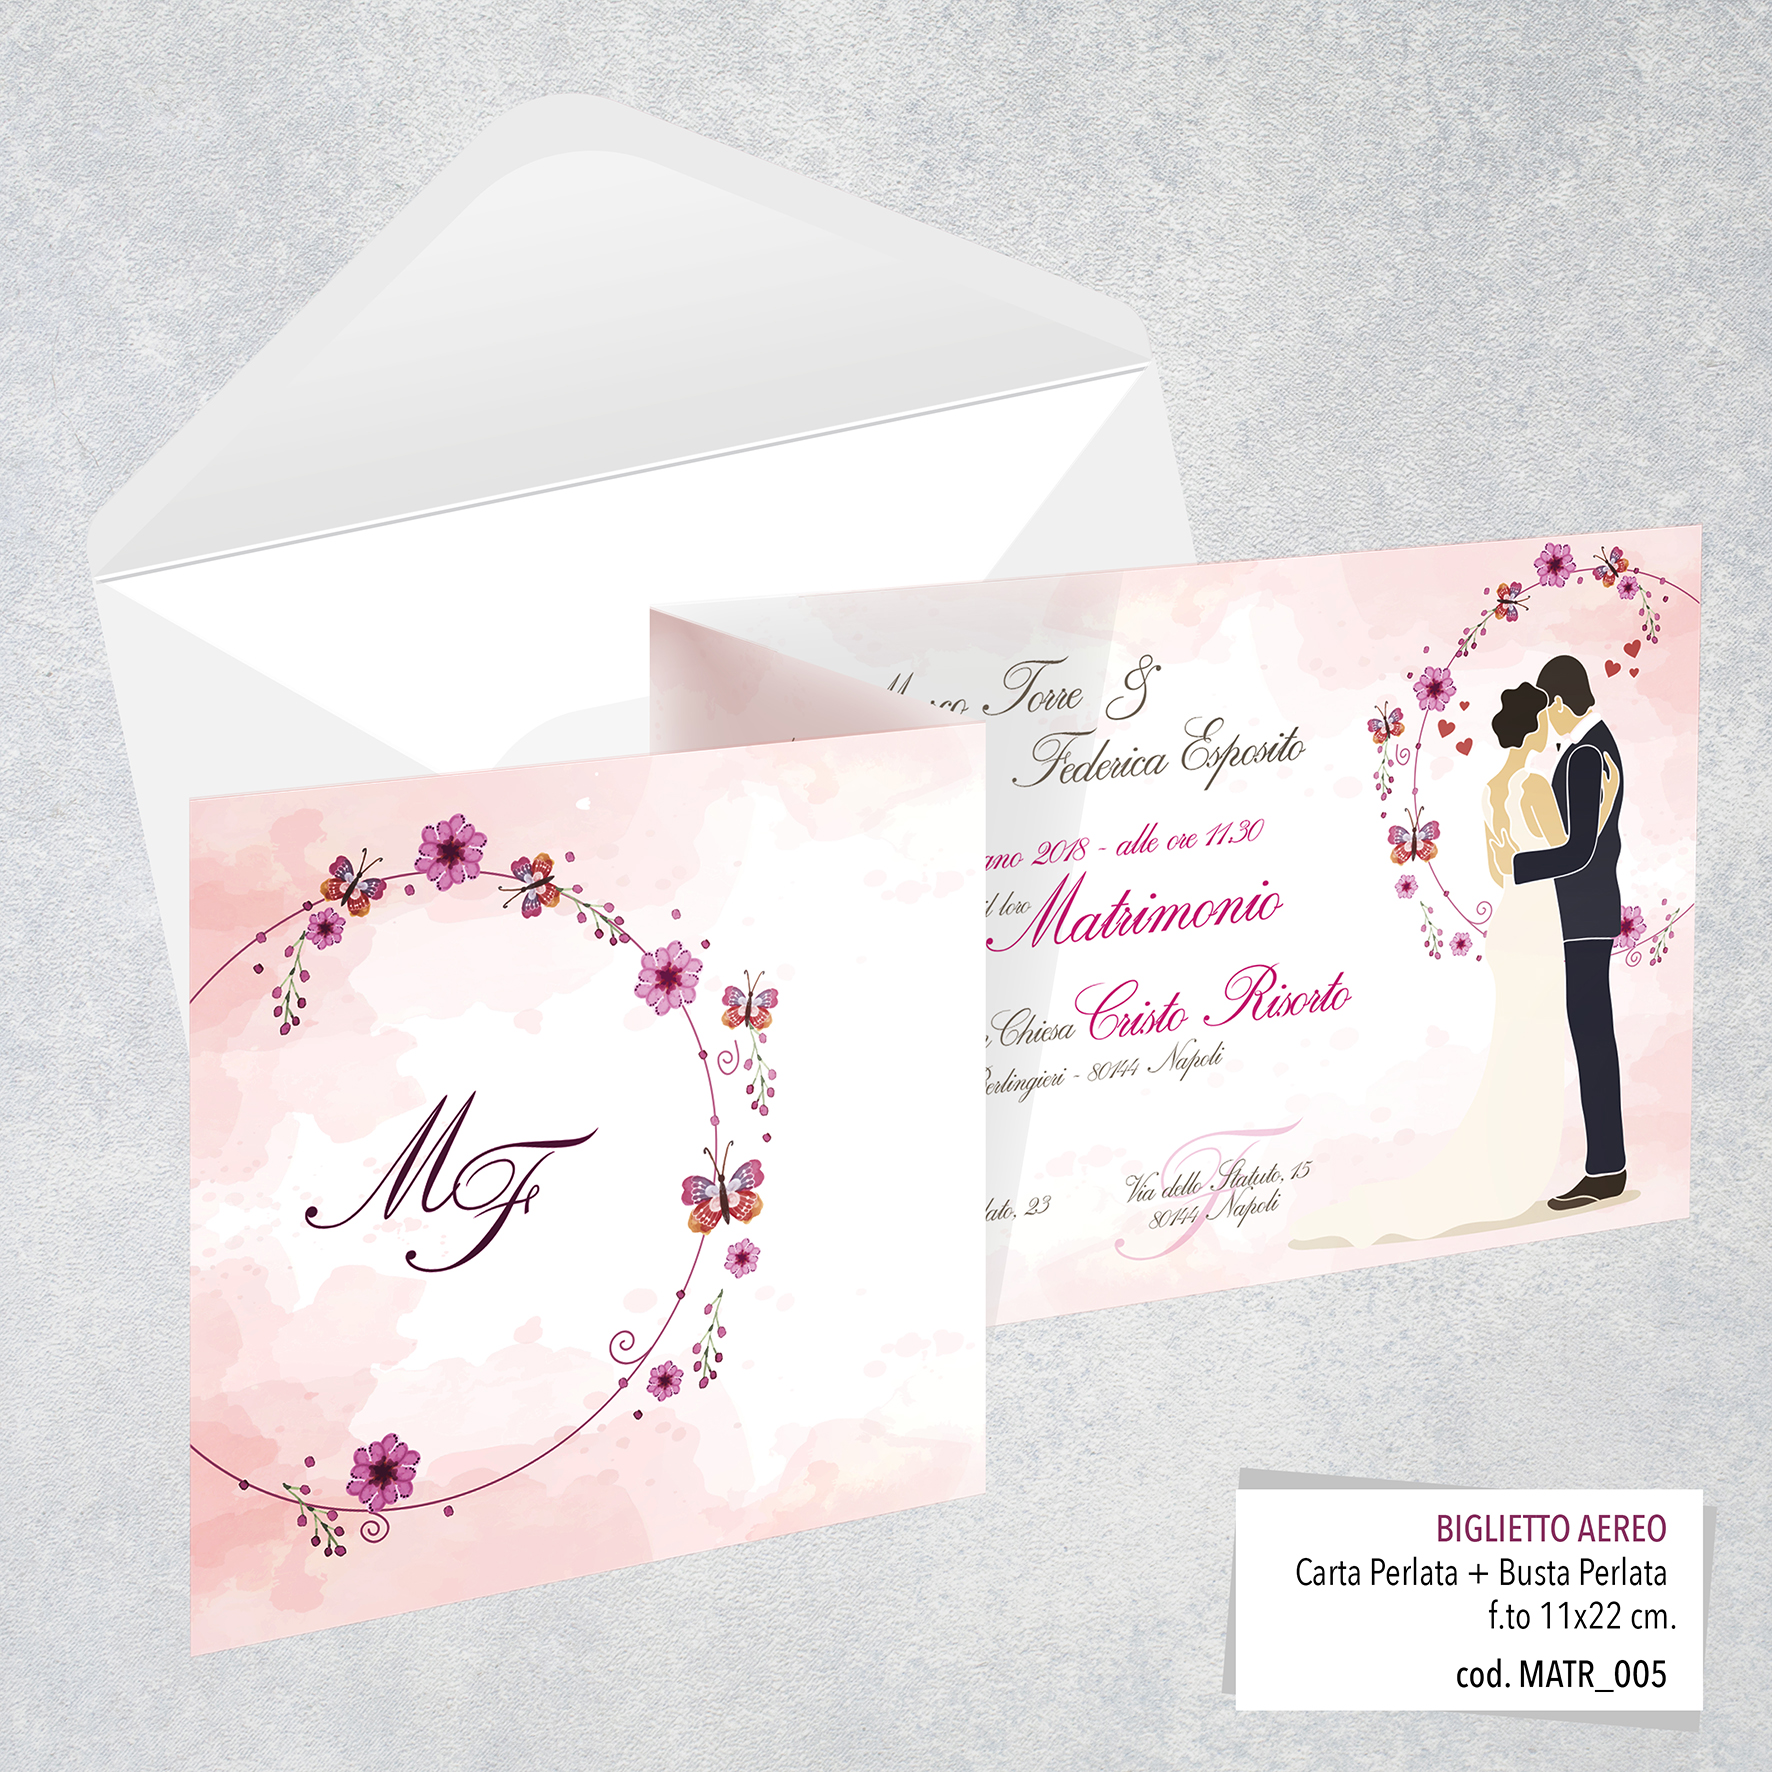 Costo Partecipazioni Matrimonio 2018.Partecipazioni Matrimonio Lagigroup Tipografia E Stampa